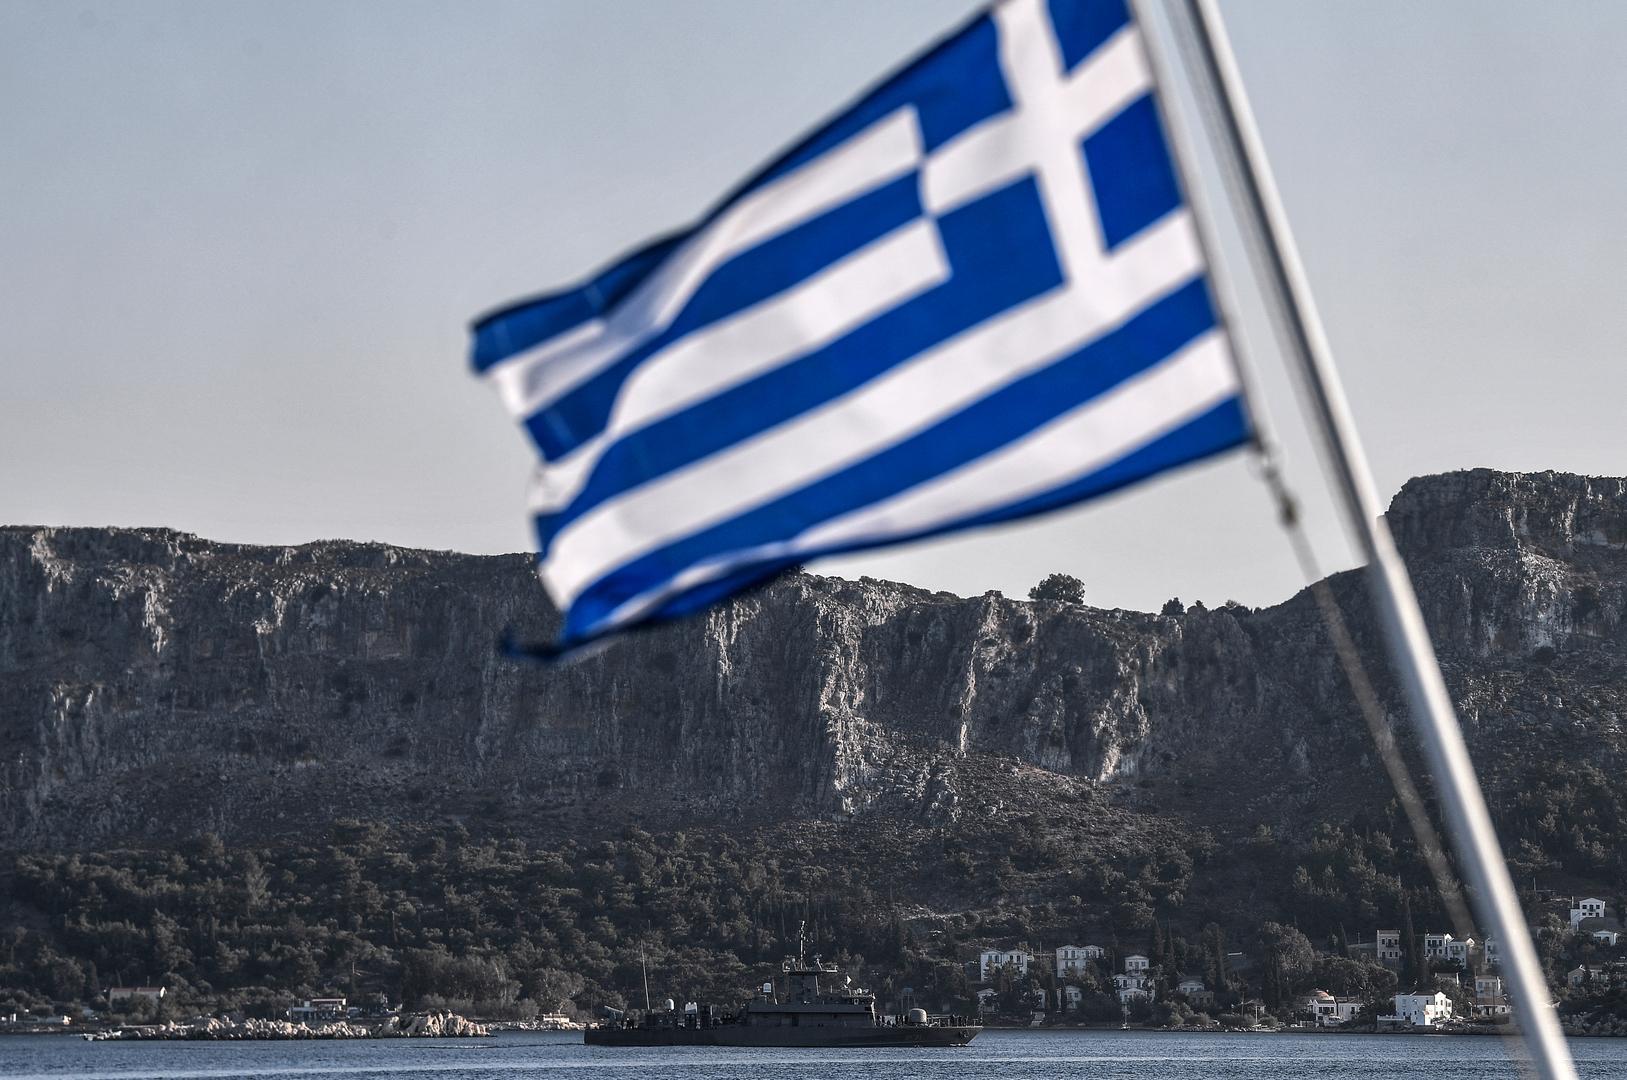 اليونان تحتج لدى تركيا على ترحيل رئيس منظمة اجتماعية يونانية